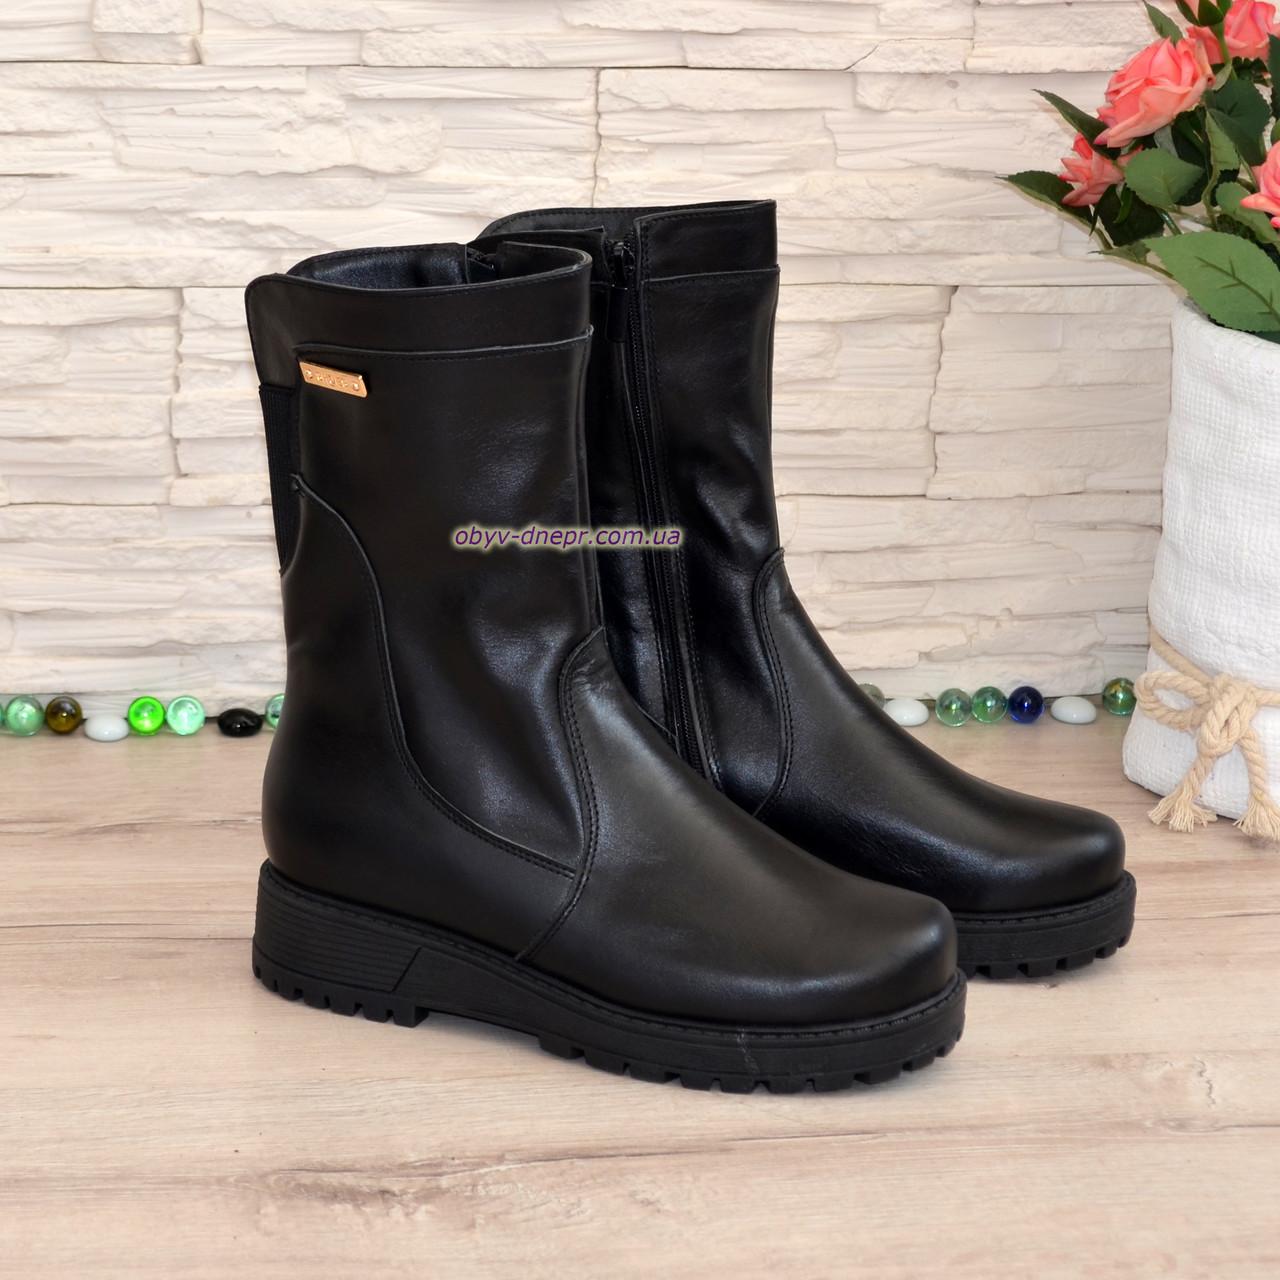 Ботинки женские кожаные   на утолщенной подошве, натуральная черная кожа